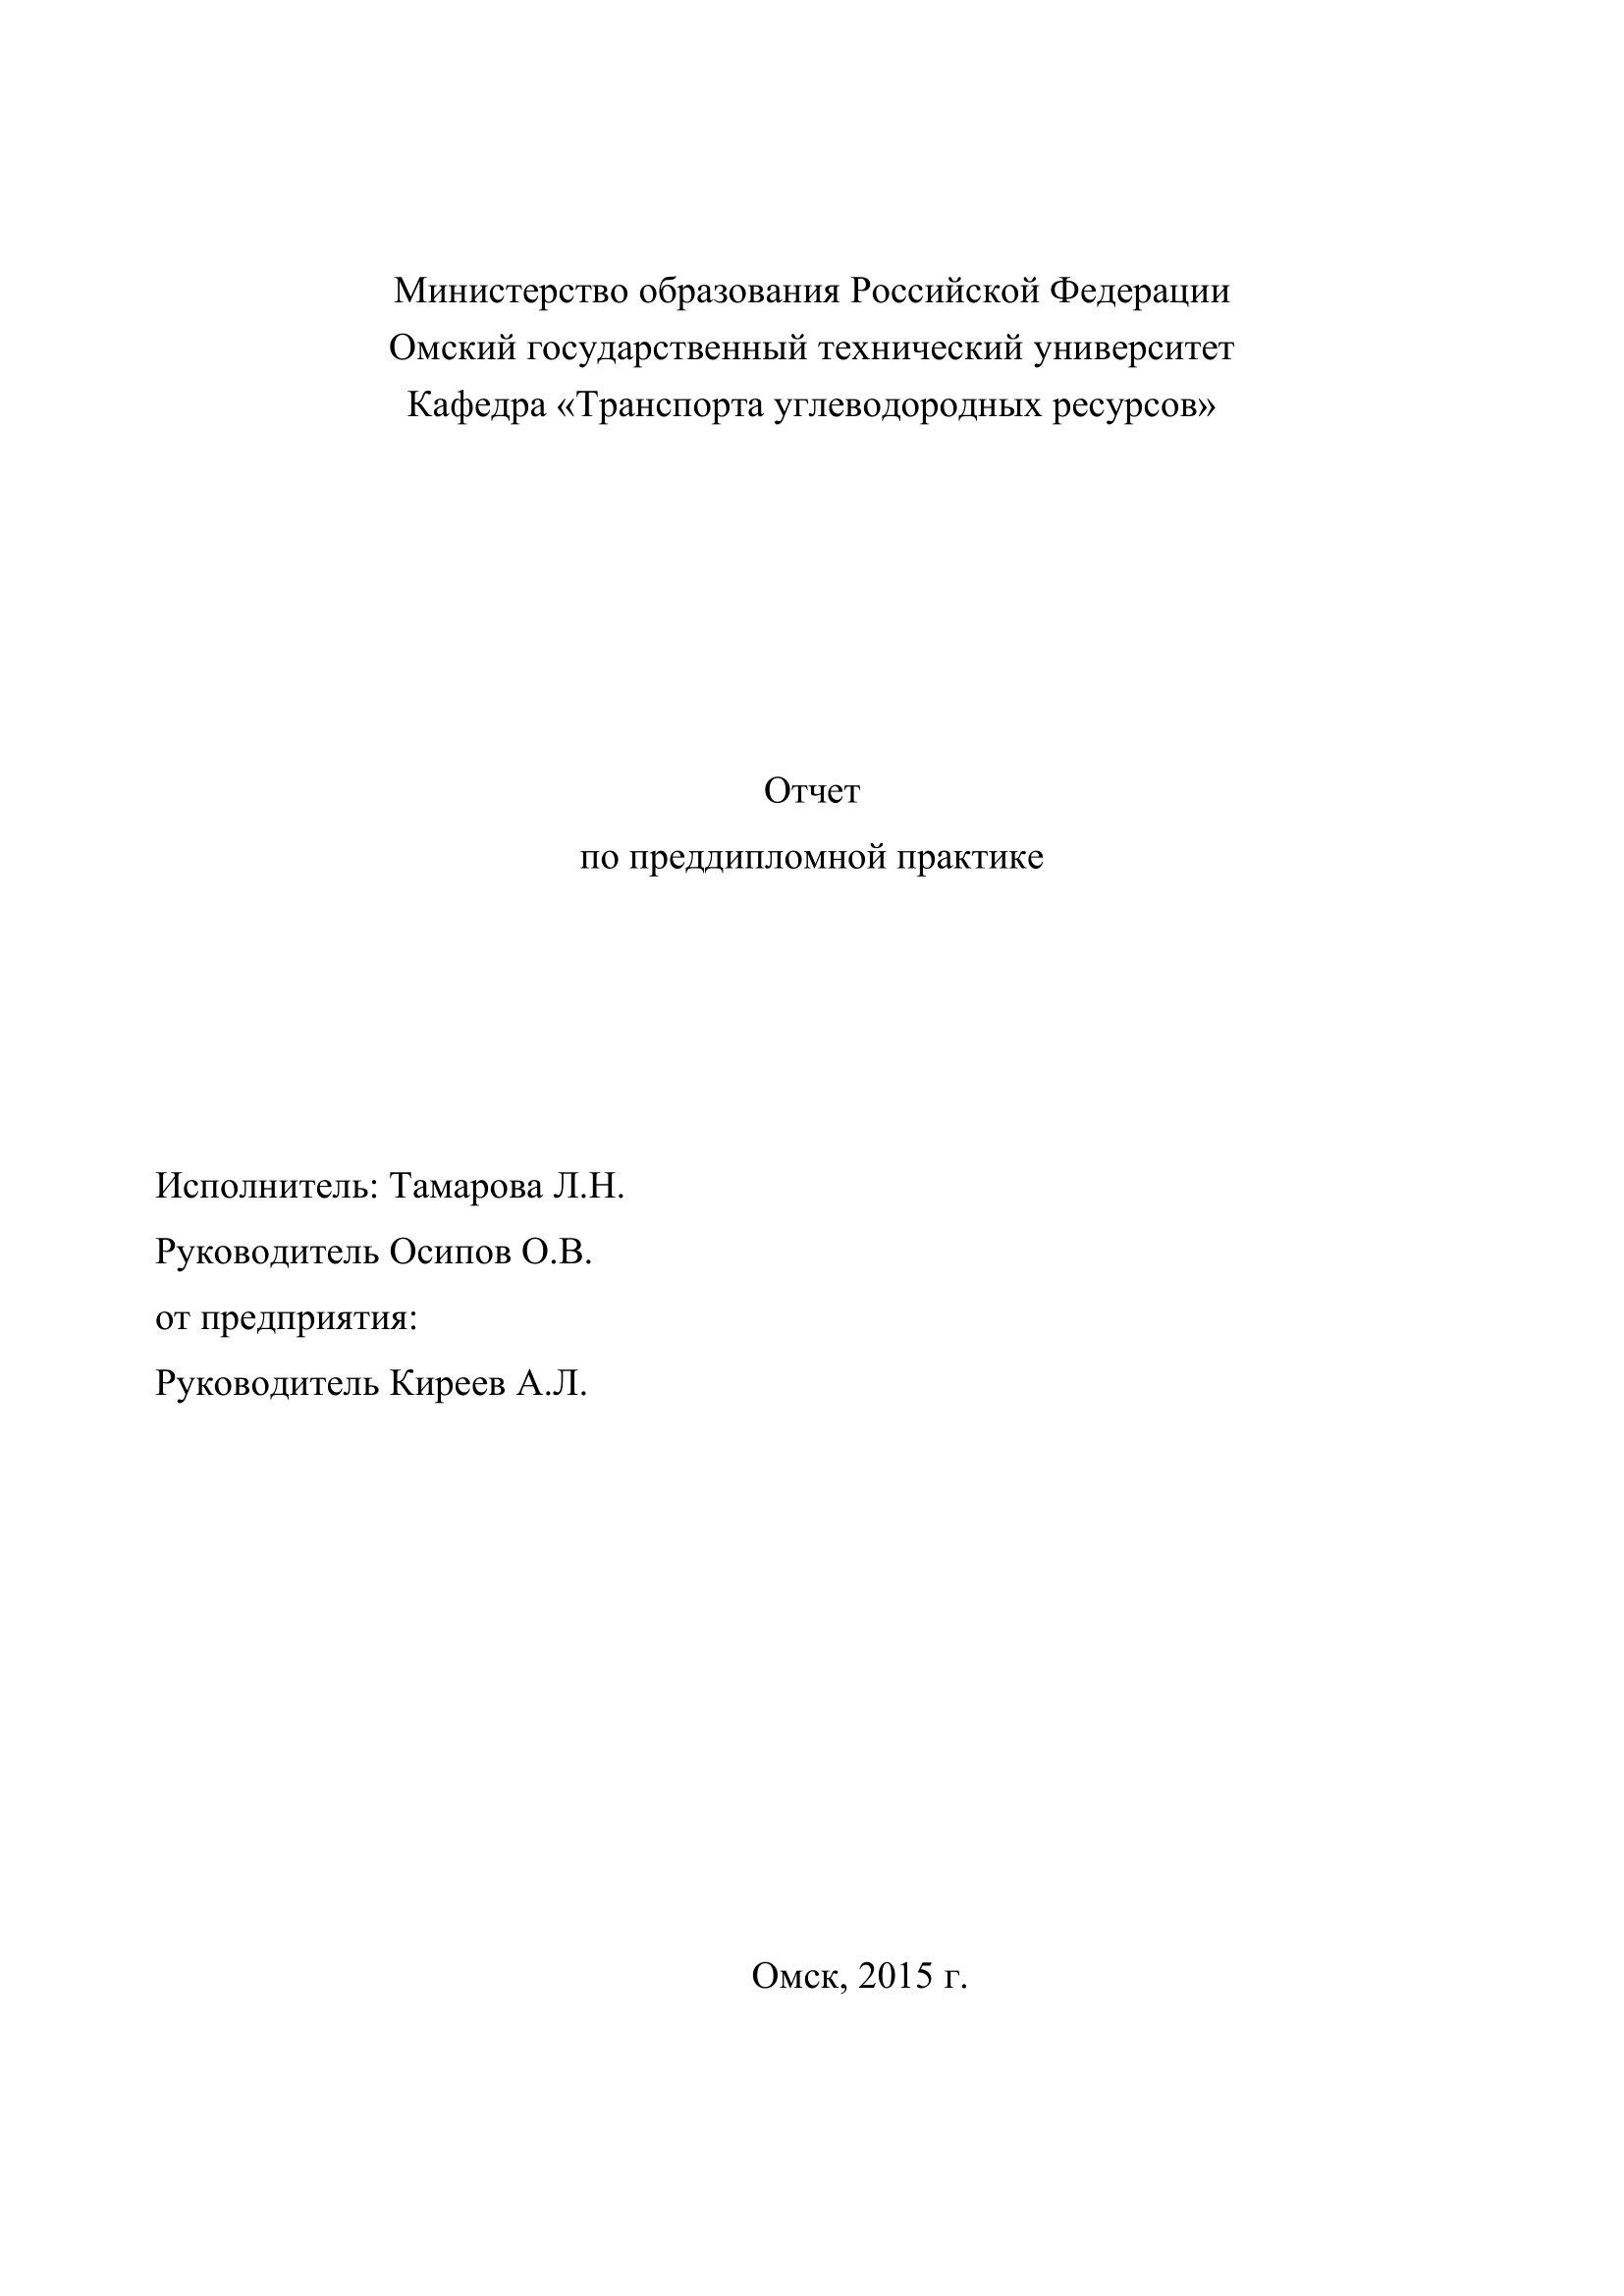 Титульный лист отчета по практике в _Транснефть_